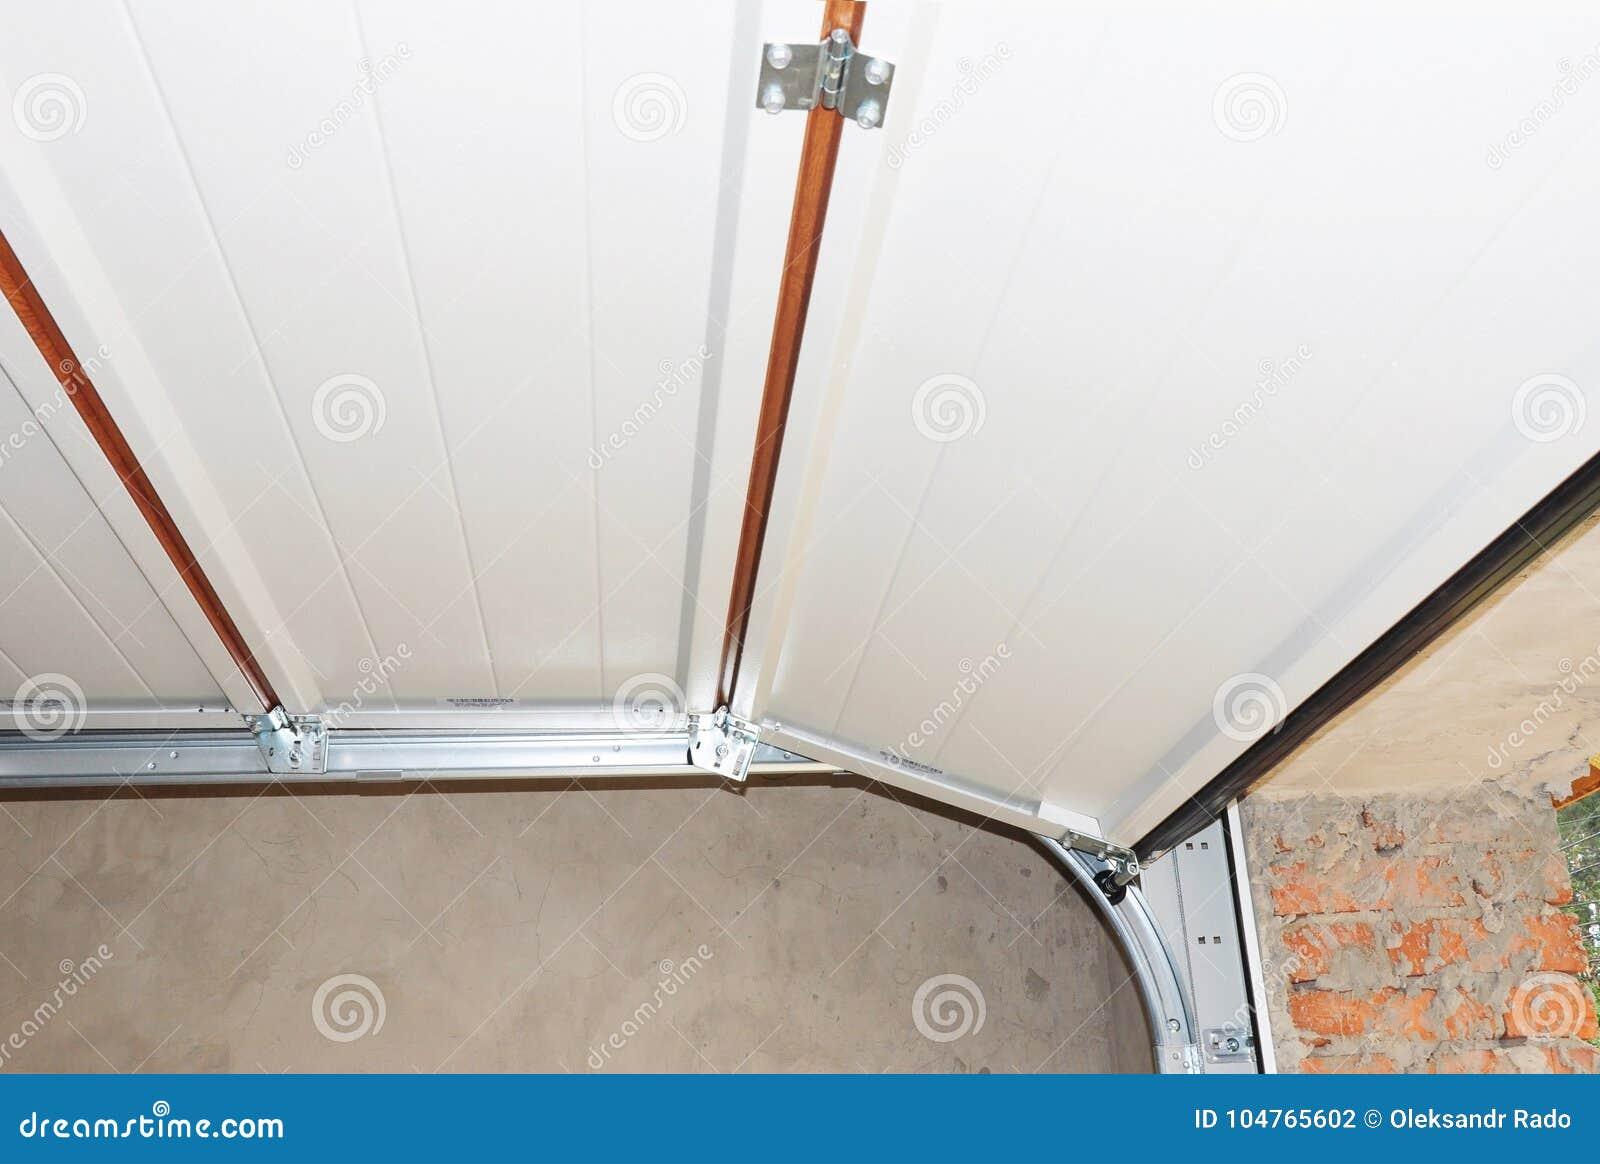 Εγκαταστήστε τη μετα ράγα μετάλλων πορτών γκαράζ και αναπηδήστε την εγκατάσταση και το ανώτατο όριο γκαράζ